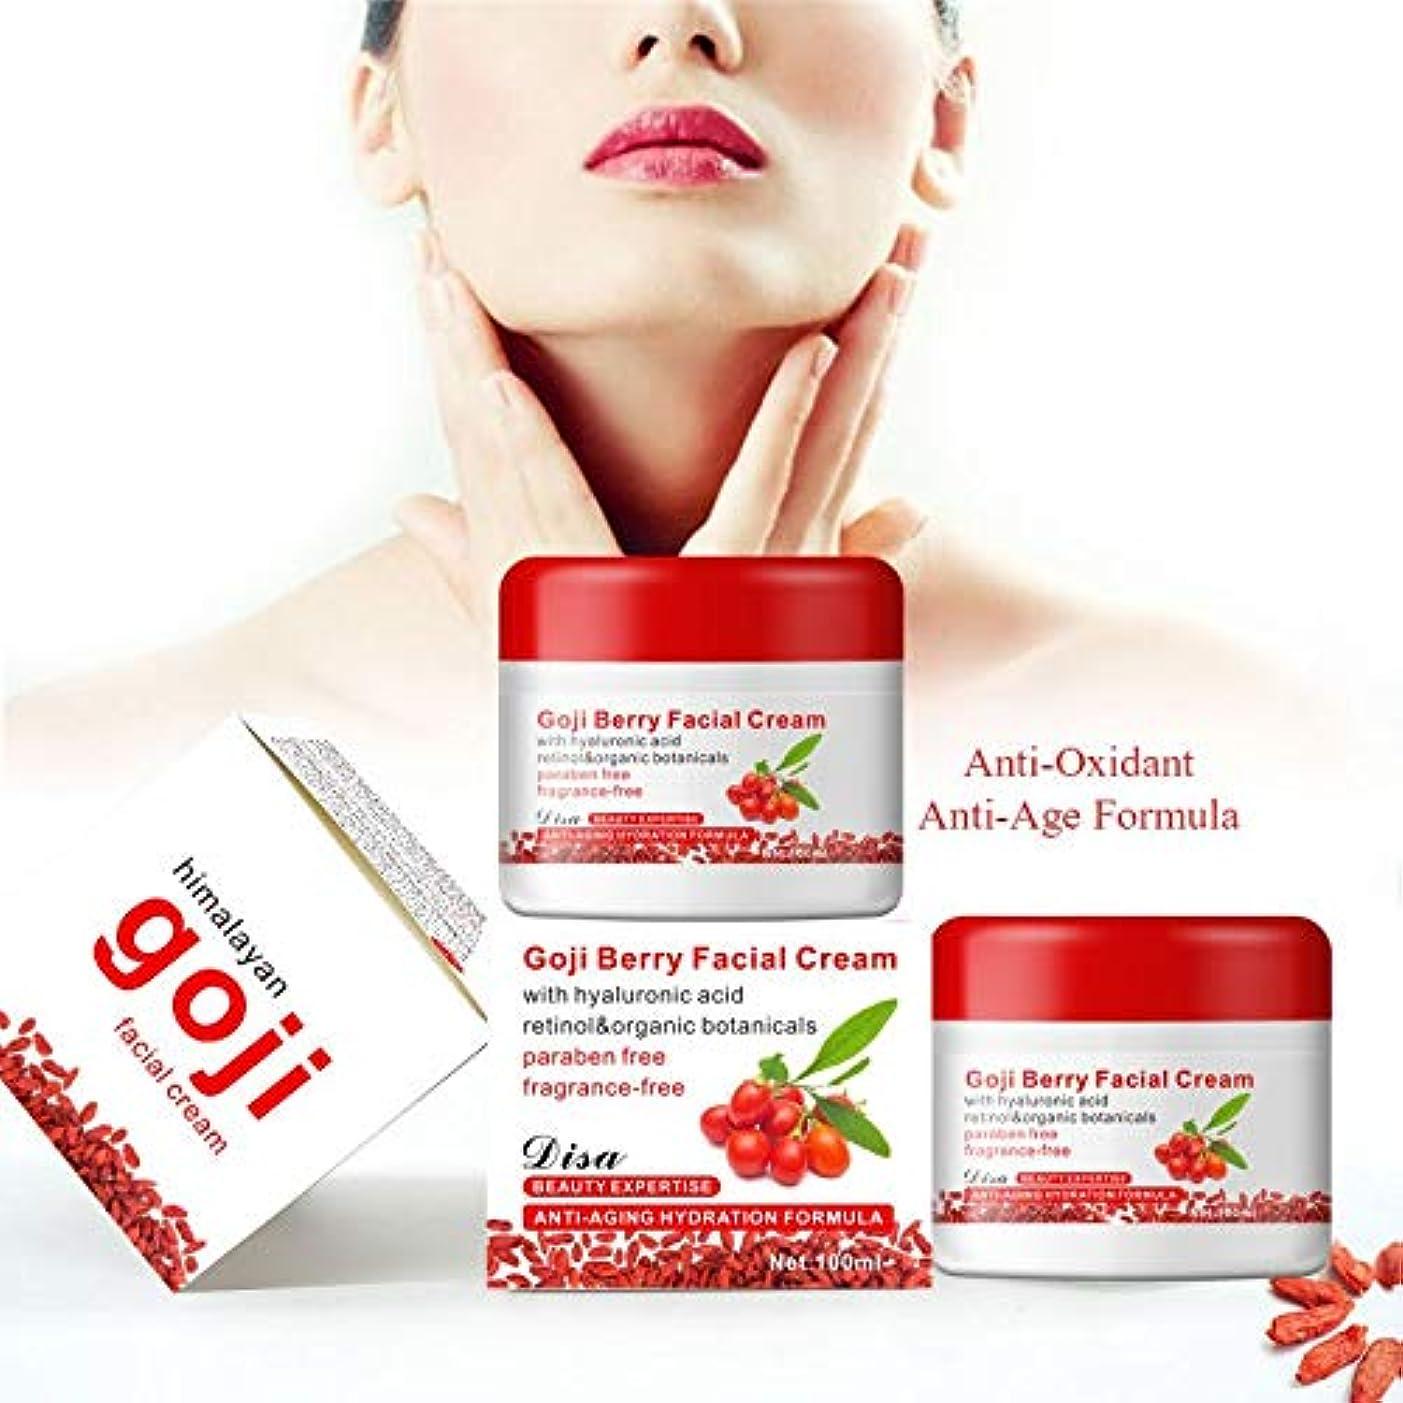 セクタ目立つ富BIOAQUAゴジクリームクリーム顔の抗シワは寧クリームを活性化抗酸化剤の室伏目をクリーム